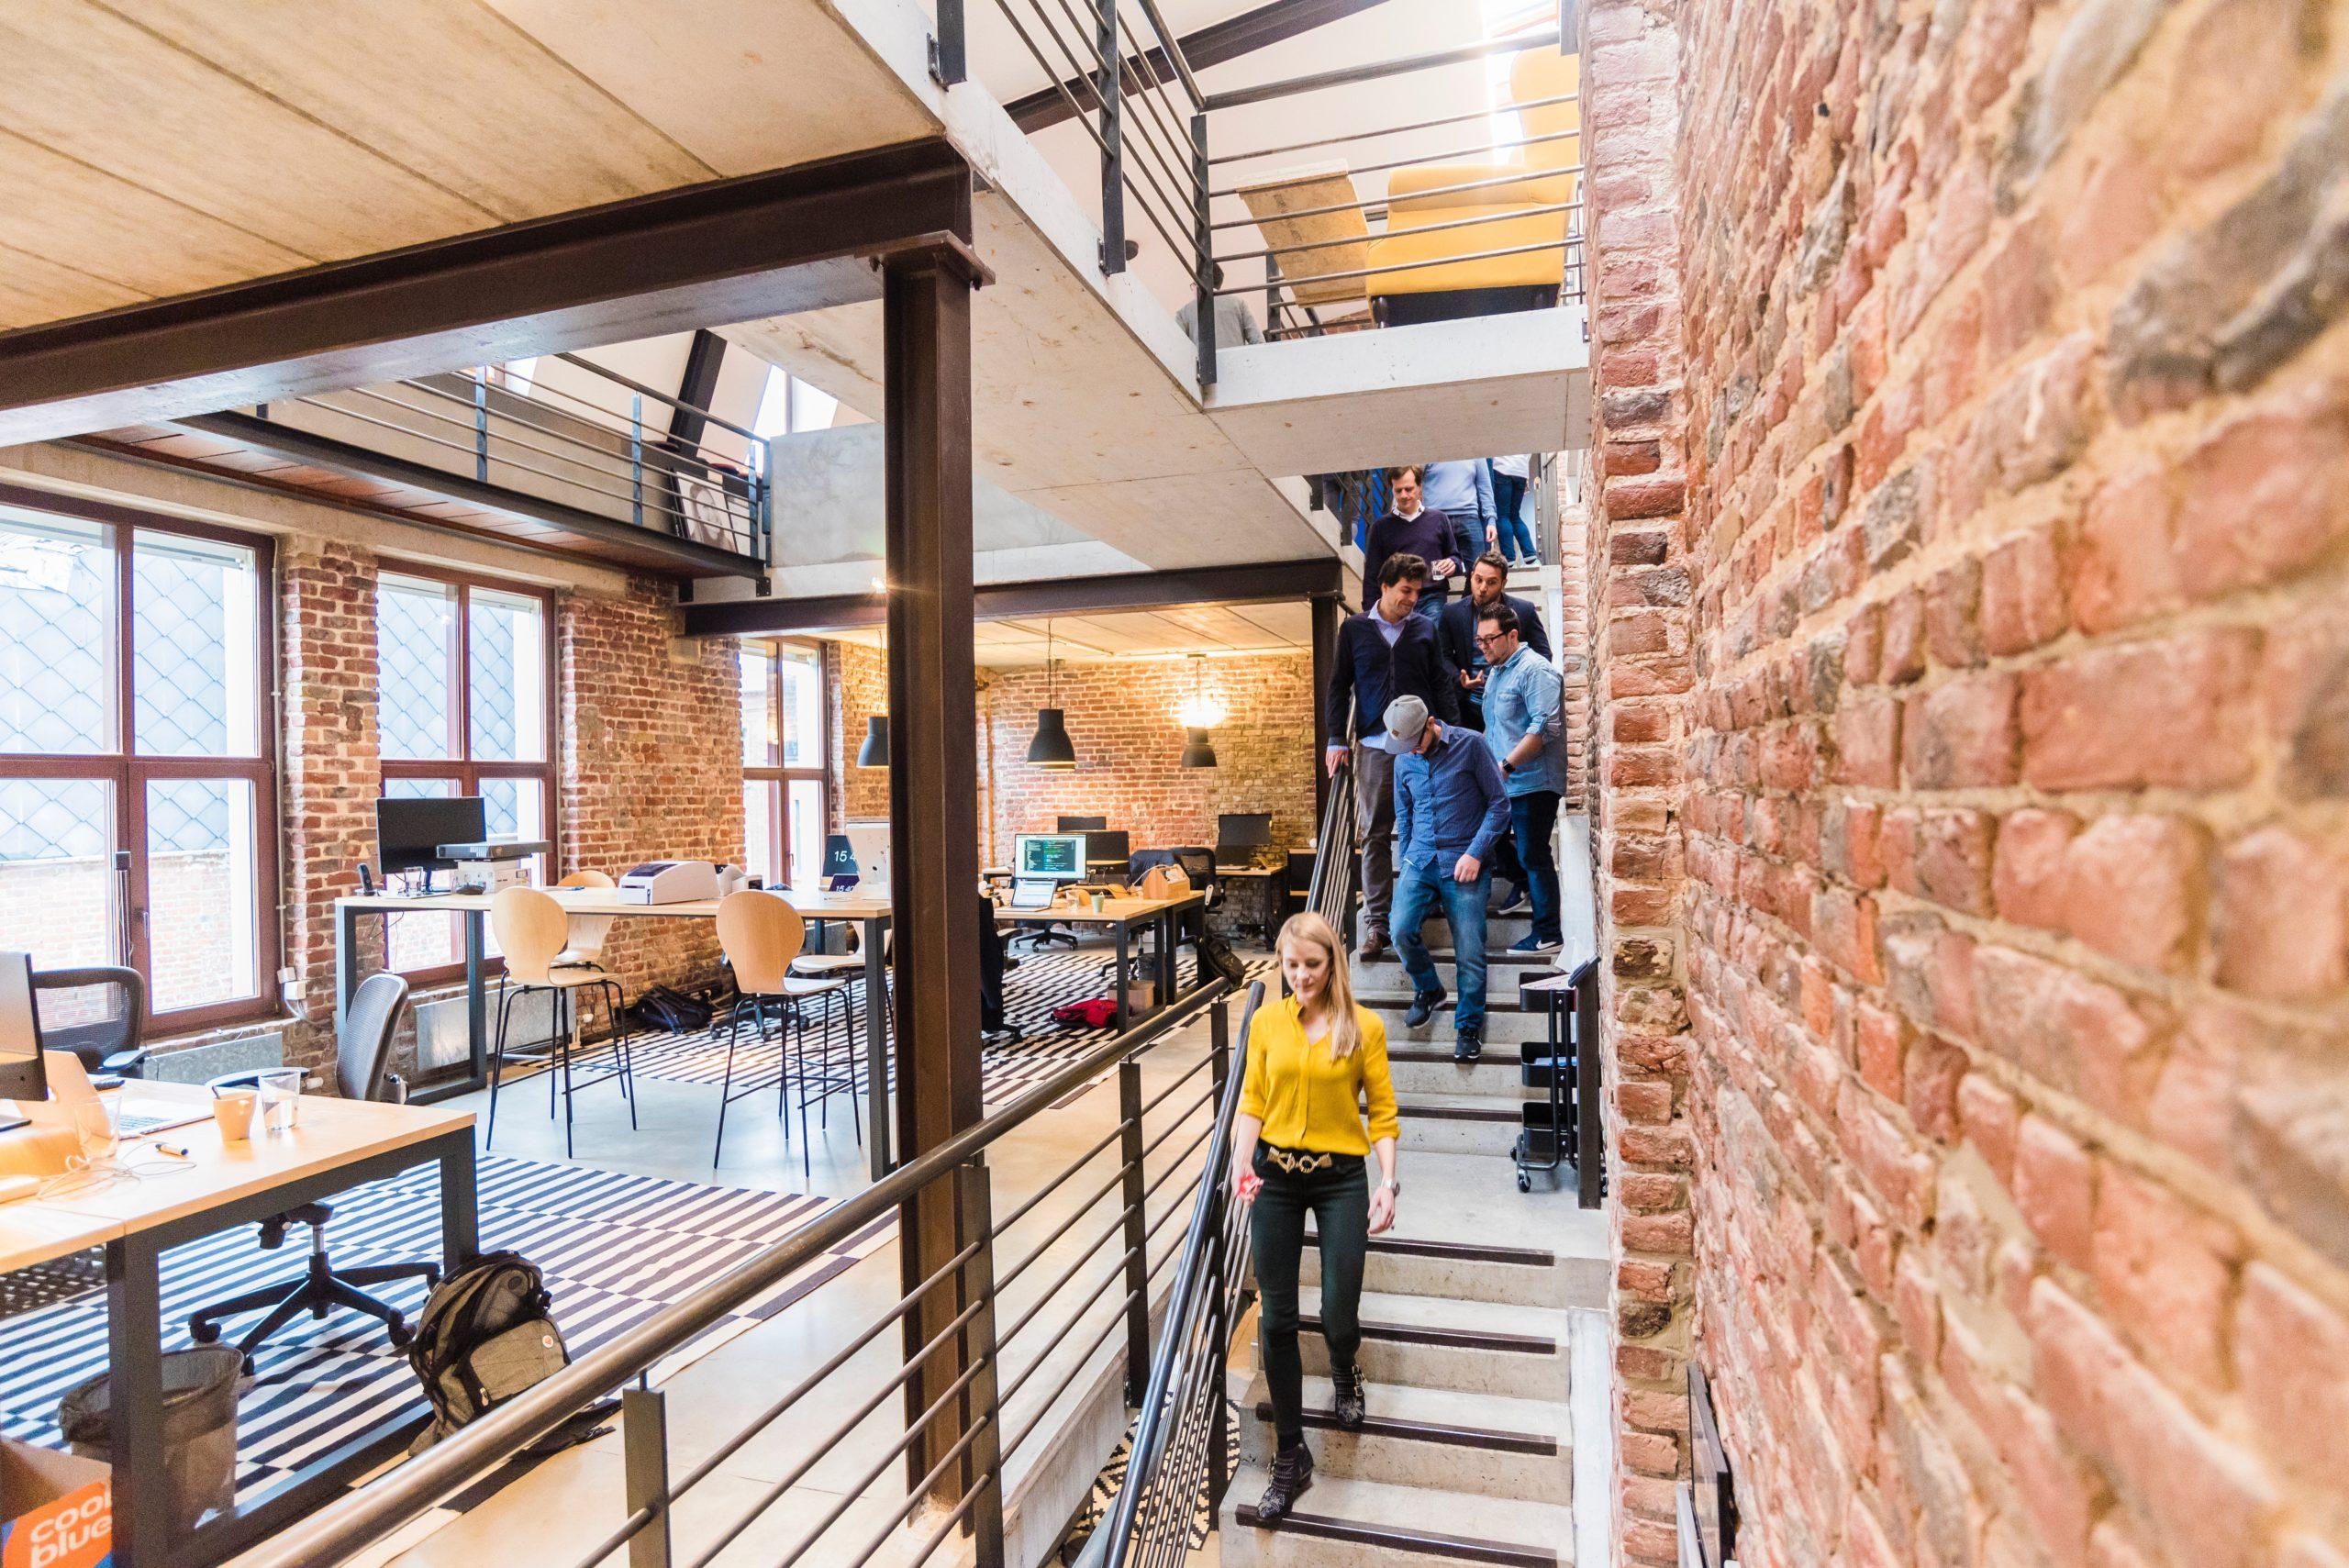 Angestellte gehen eine Treppe hinab. Links von Ihnen ist ein offener Büroraum zu erkennen.